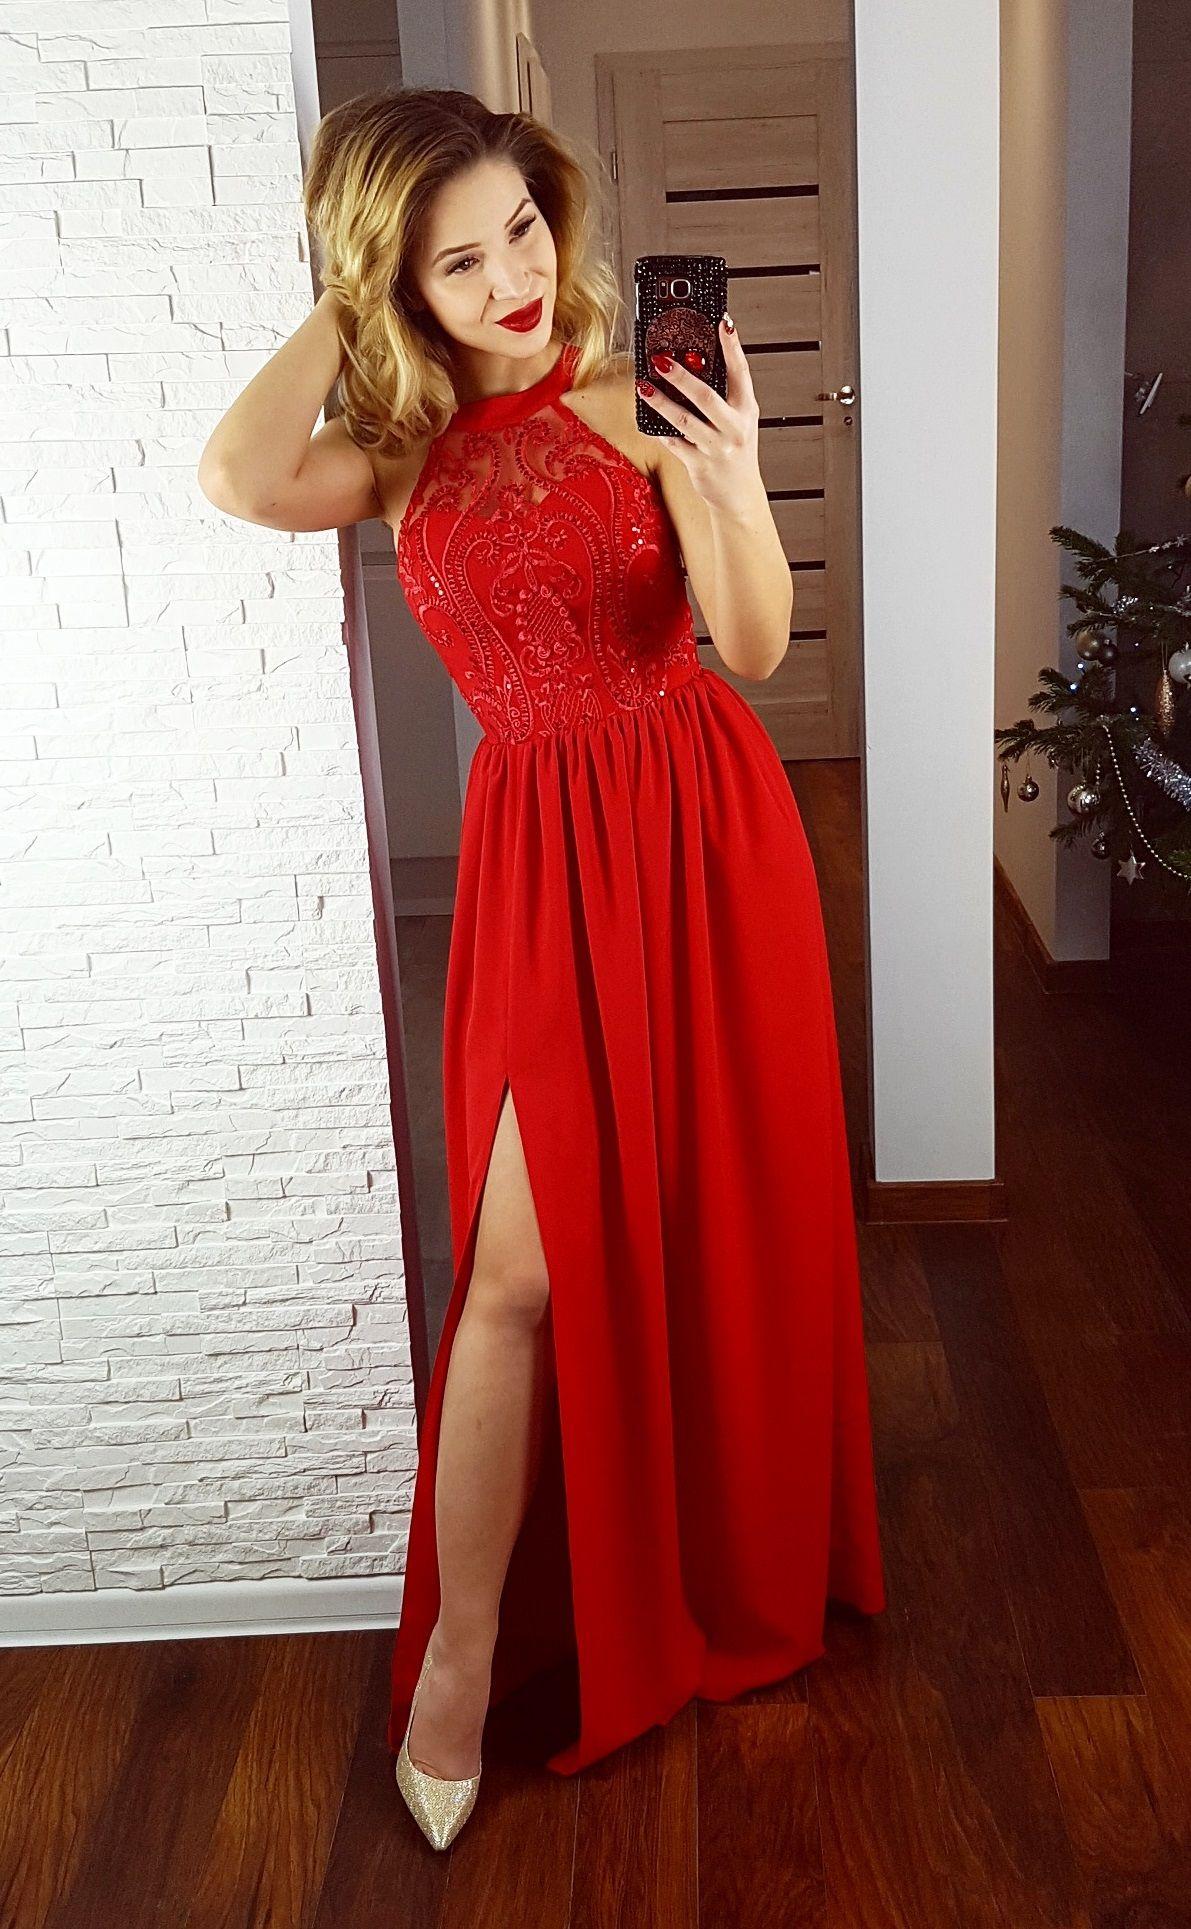 138b3fa466 Długa czerwona suknia na studniówkę. Polska firma. Red dress. Made in  Poland 369 zł